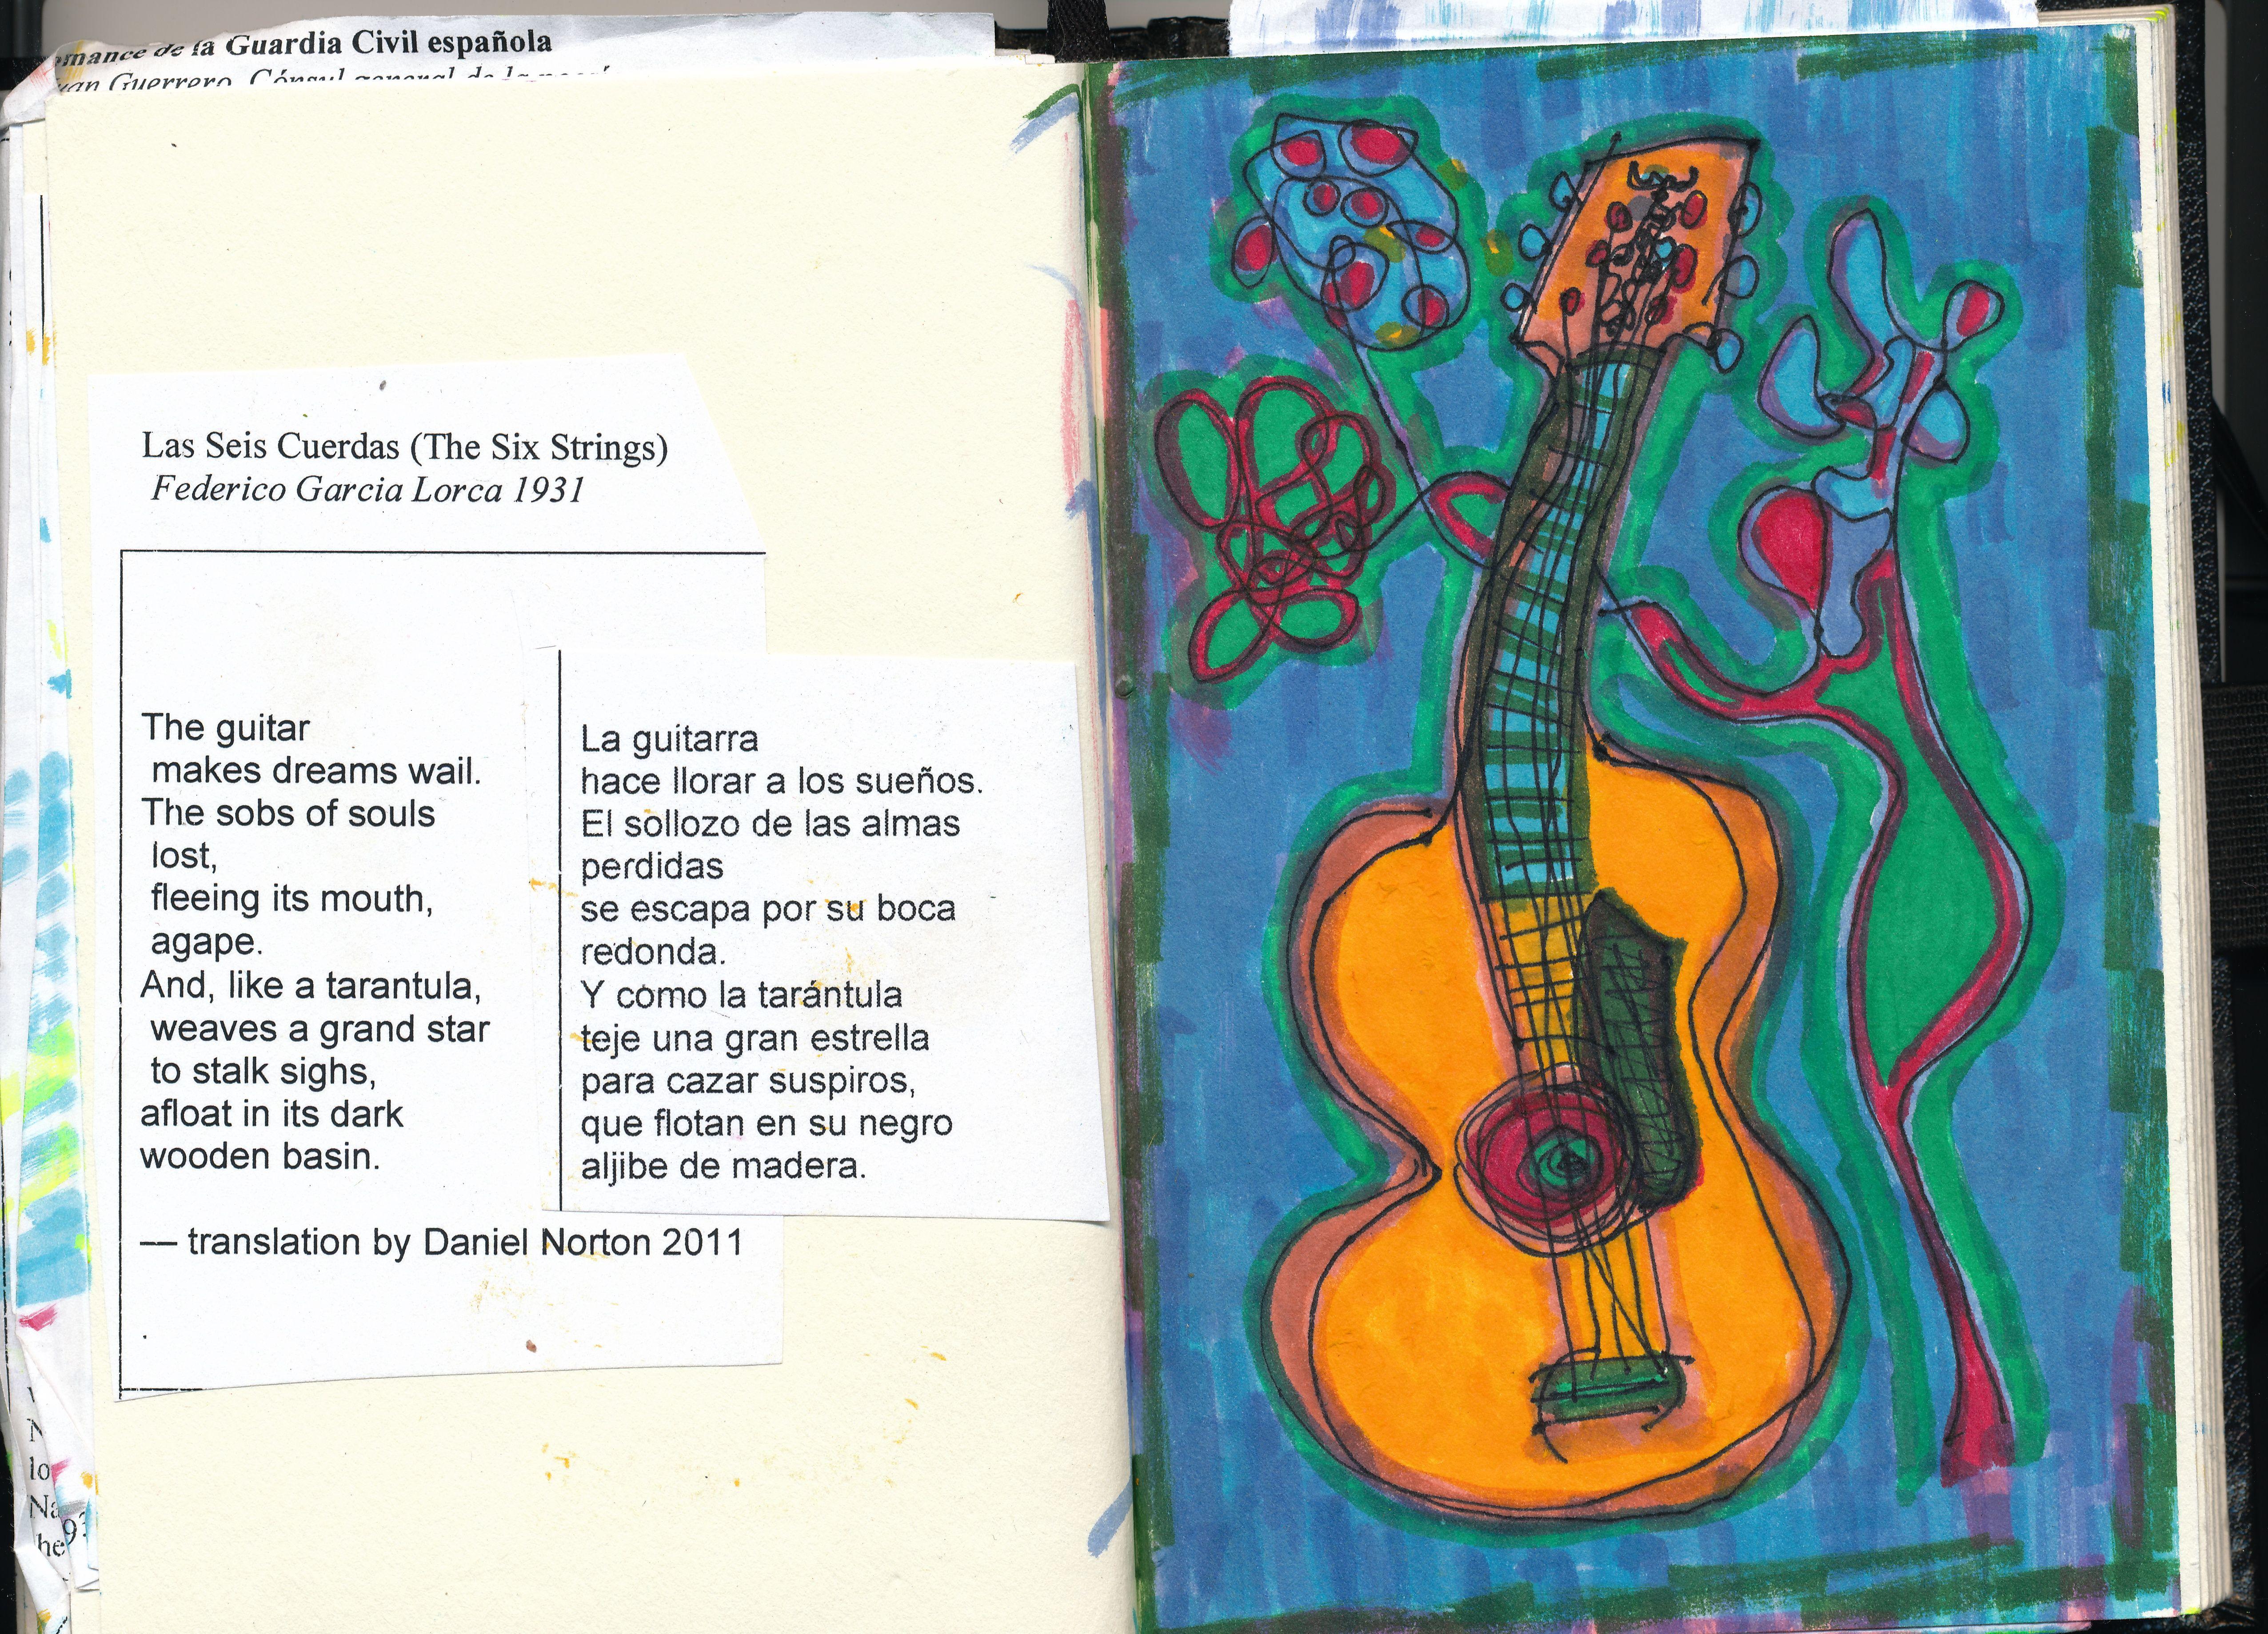 las seis cuerdas the six strings federico garcia lorca art